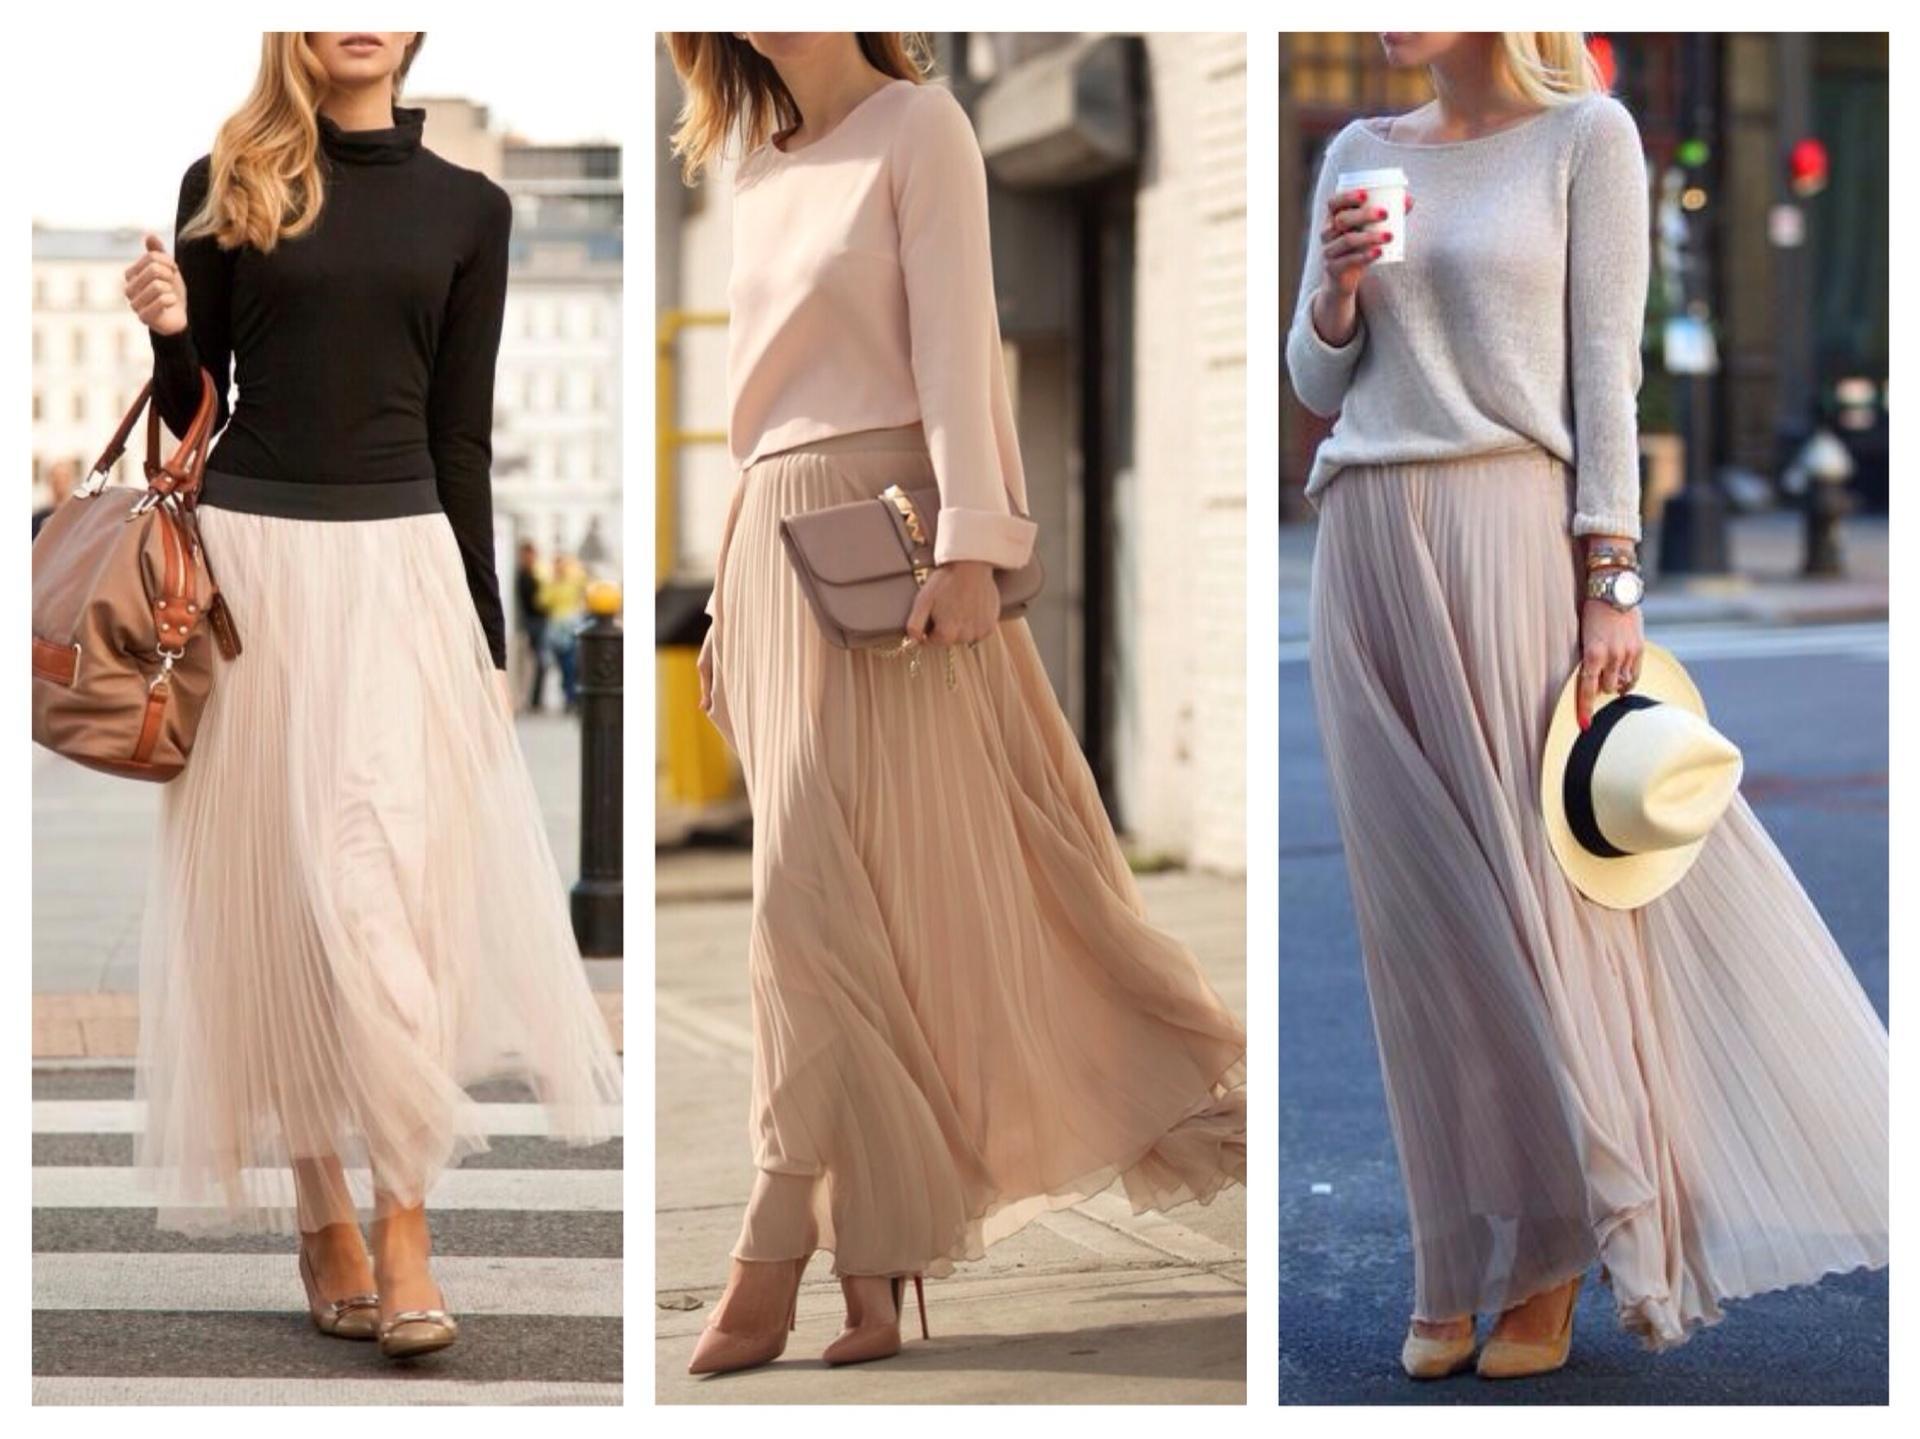 Светлая юбка сочетание с